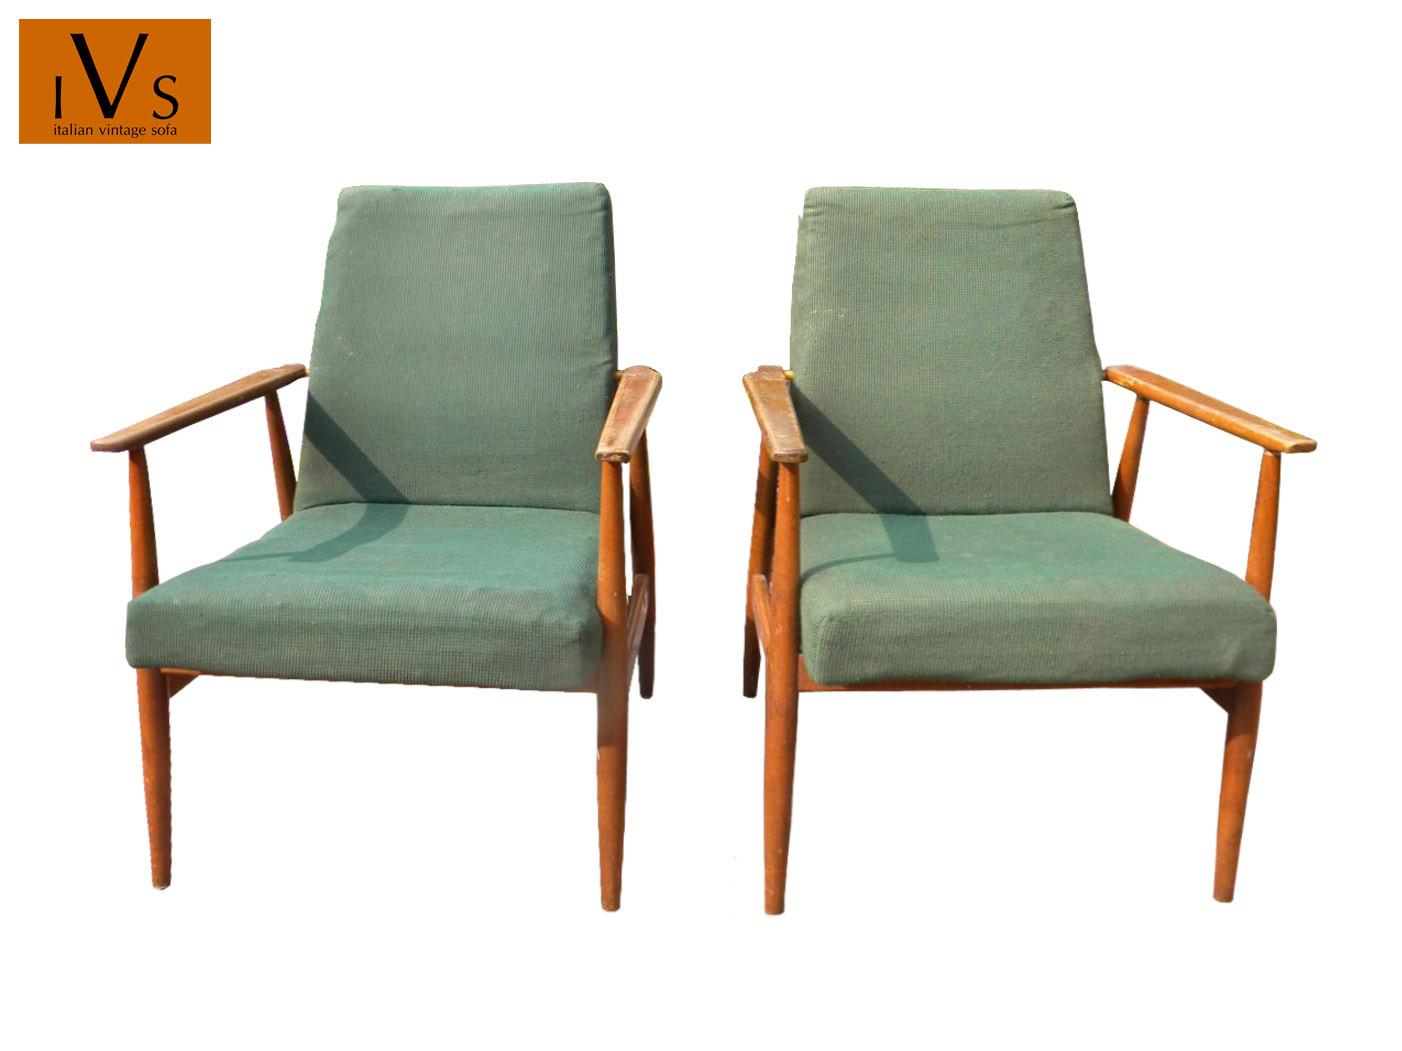 Design Scandinavo Anni 50 poltrone anni '50 stile scandinavo stile grete jalk